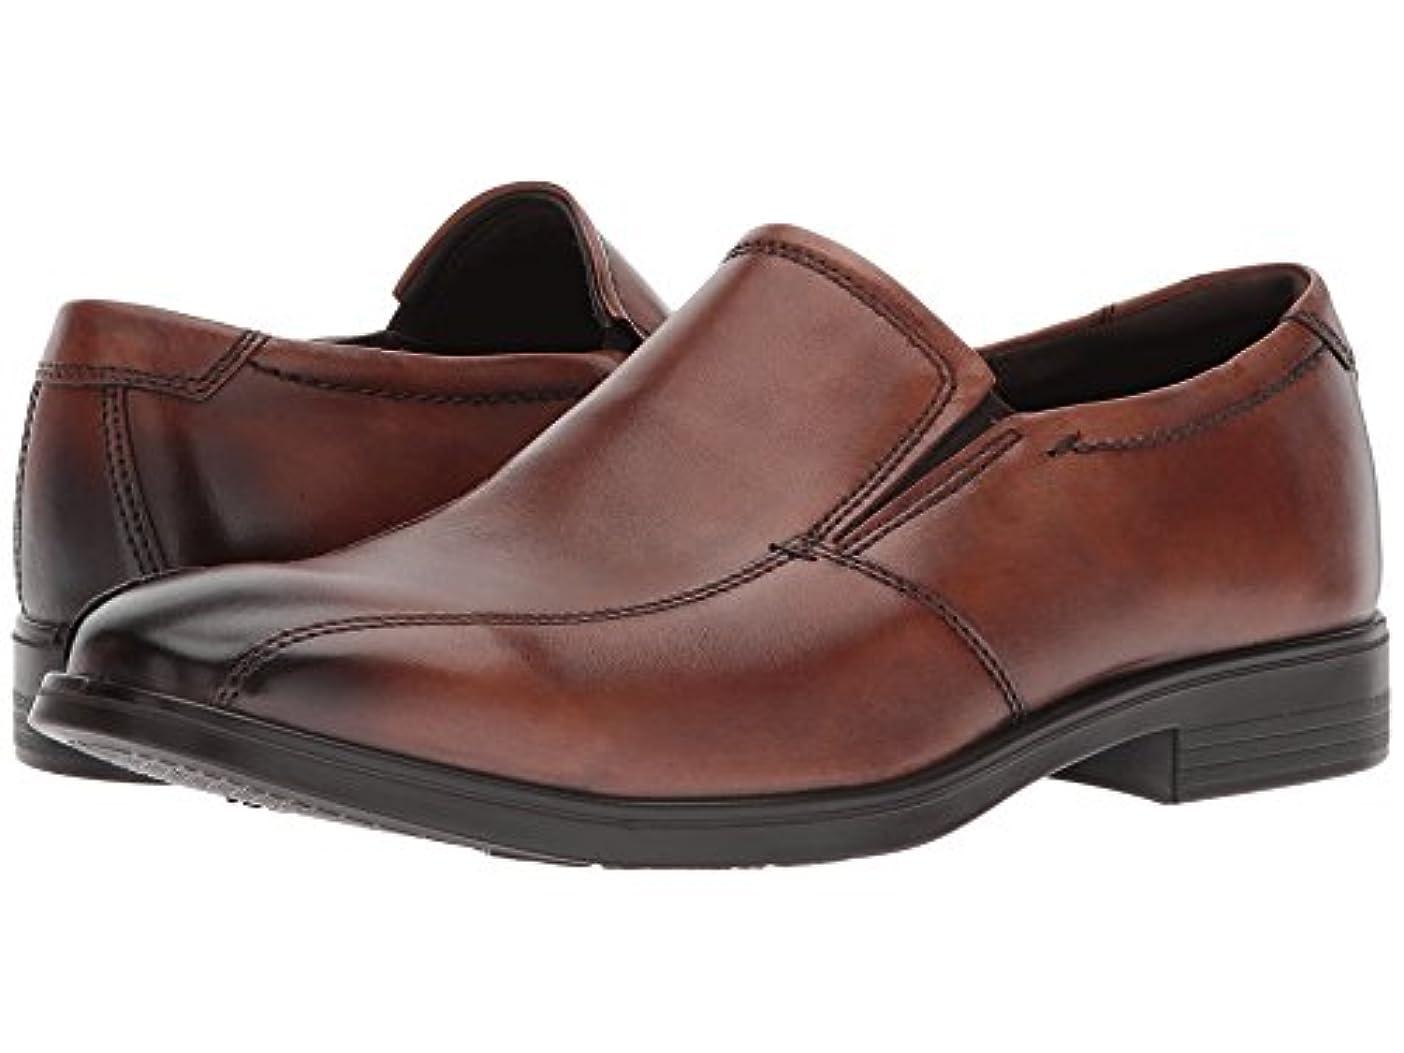 爆発物腐敗空[ecco(エコー)] メンズローファー?スリッポン?靴 Melbourne Bike Slip-On Amber EU42 (US Men's 8-8.5) (26.5cm) M